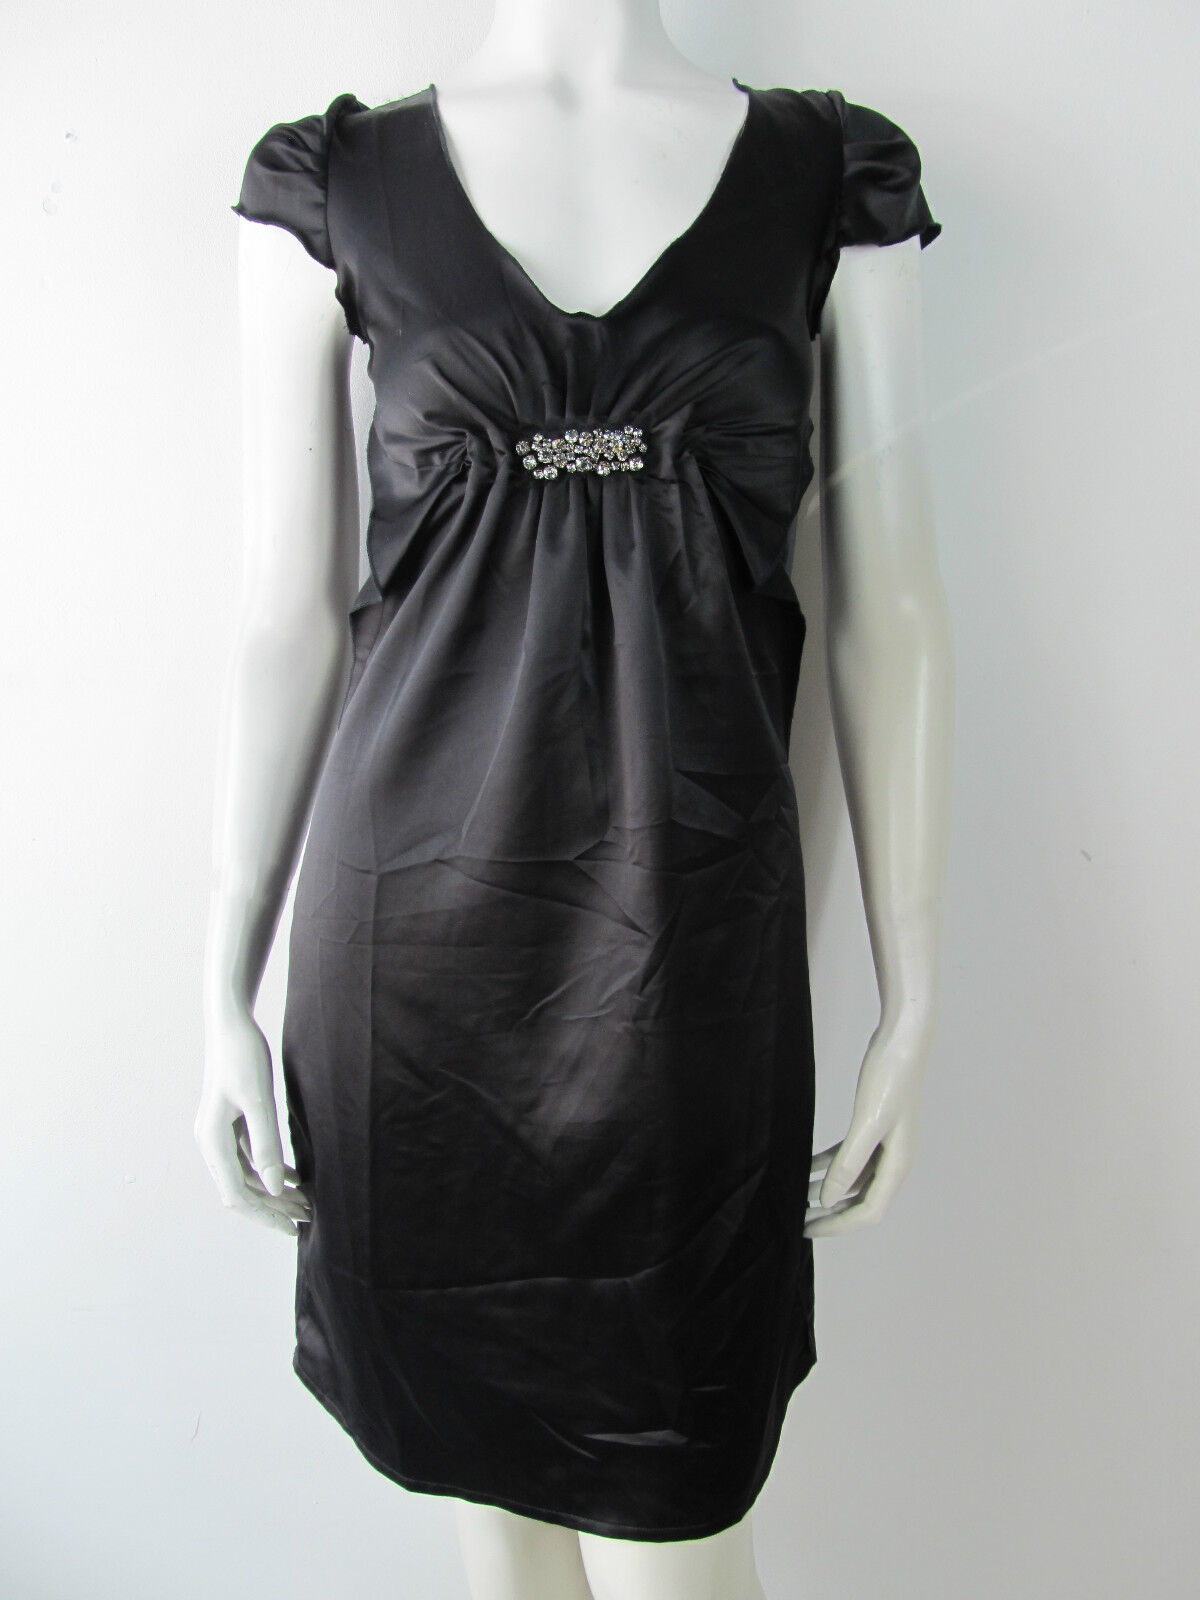 Just For You Damen Kleid Kleed Dress Jurk 94 Strass Neu XS S